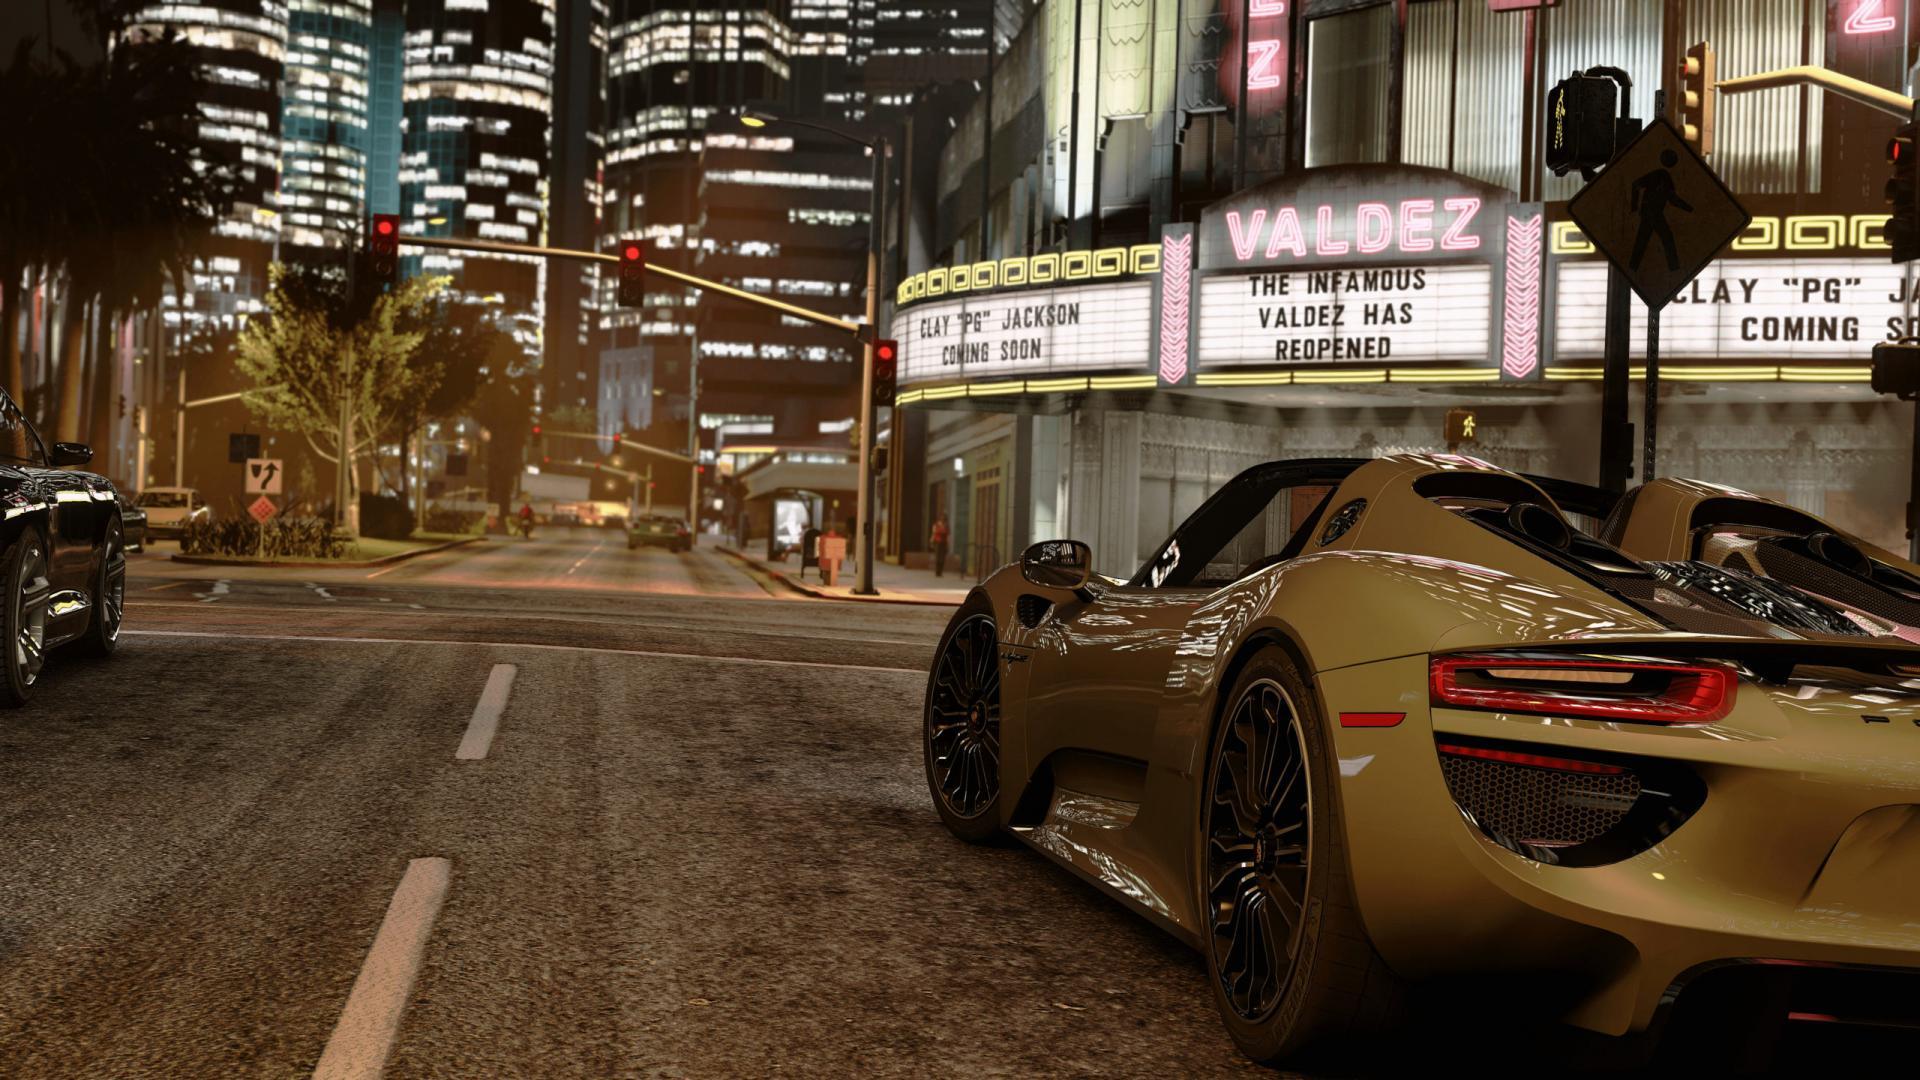 Графику GTA 5 вывели нановый уровень. Игру показали в4К истрассировкой лучей